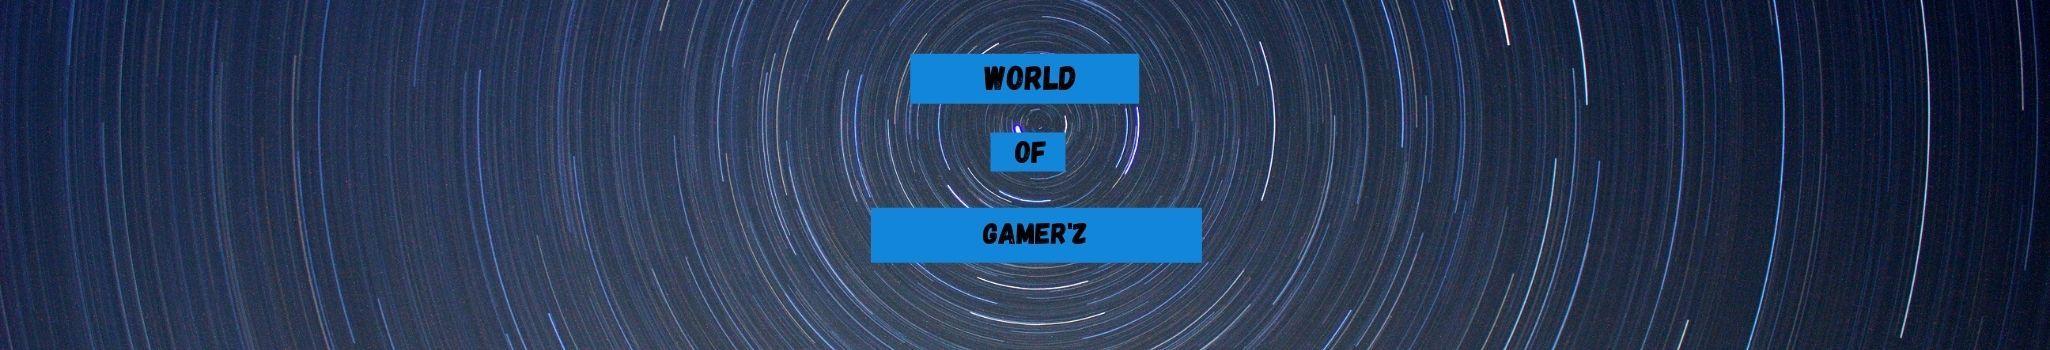 World Of Gamer'z